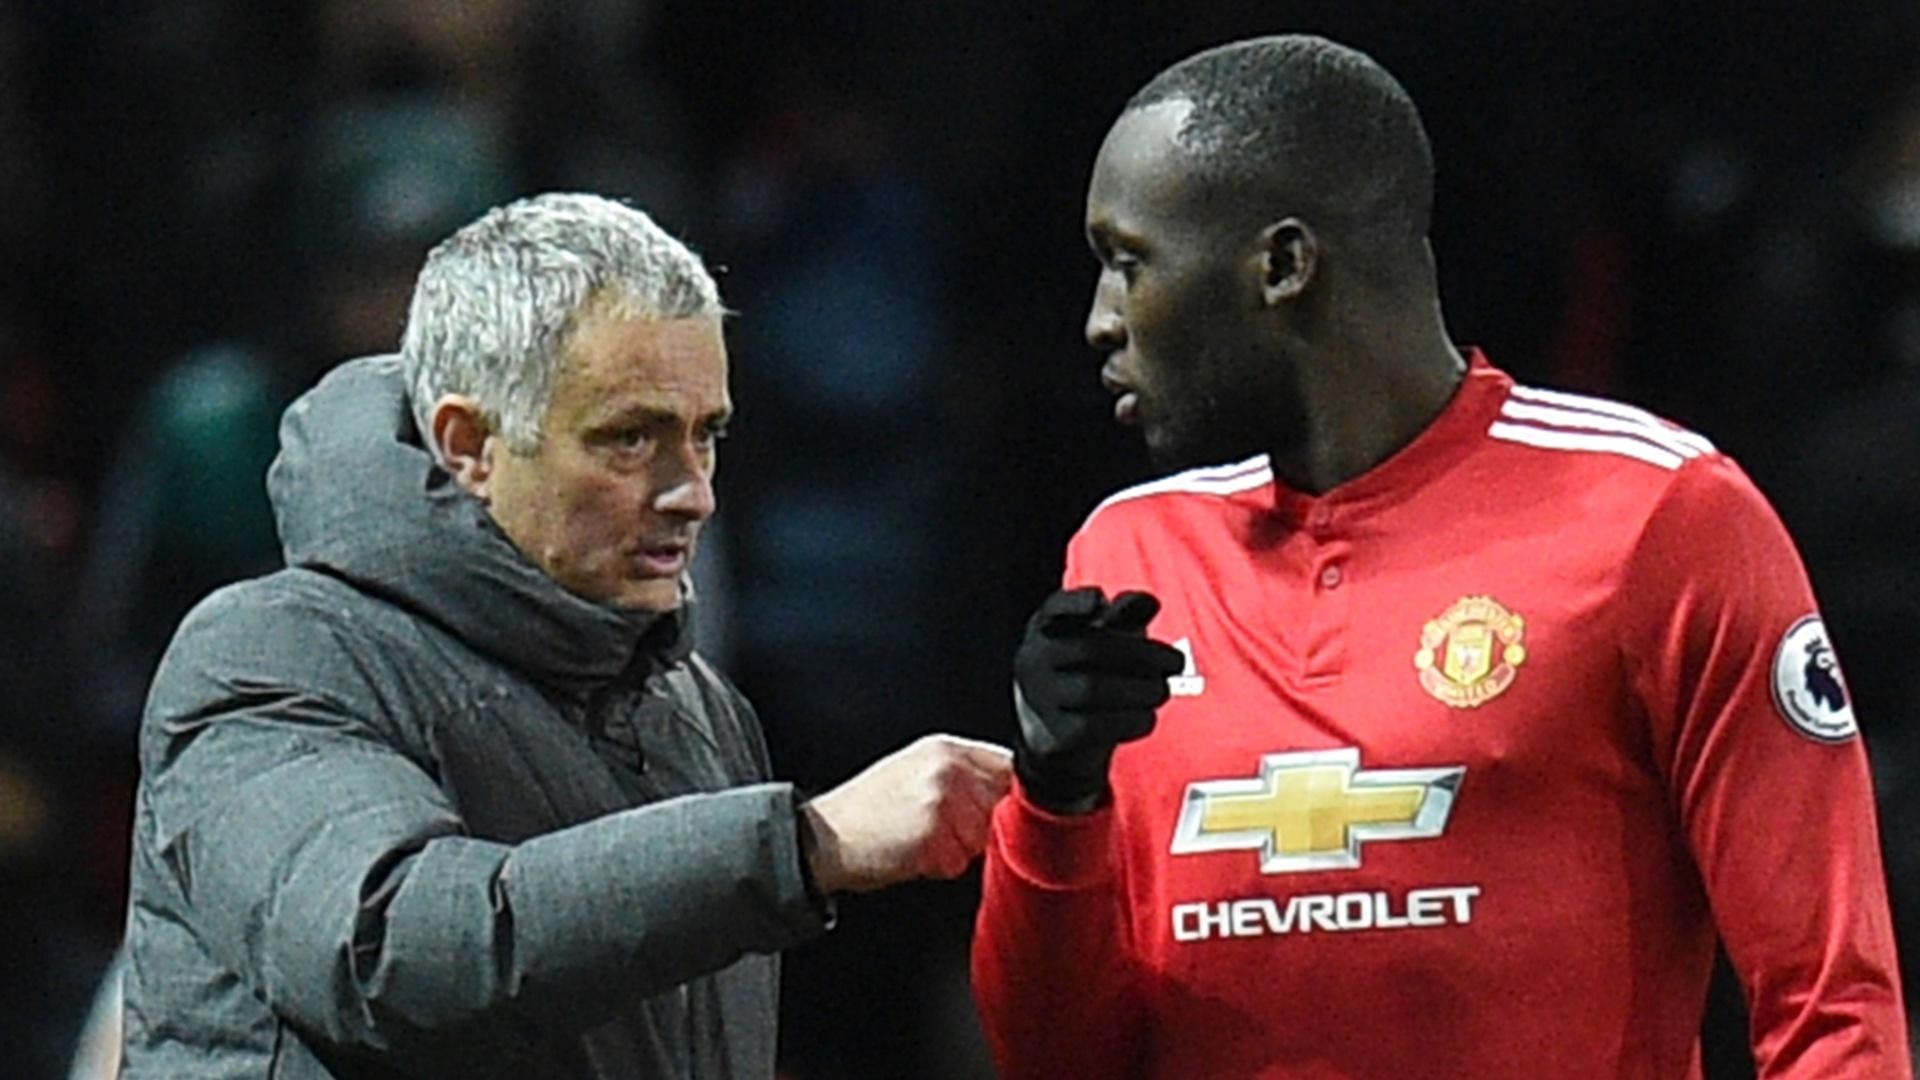 José Mourinho acredita que Lukaku perdeu desempenho porque está muito musculoso